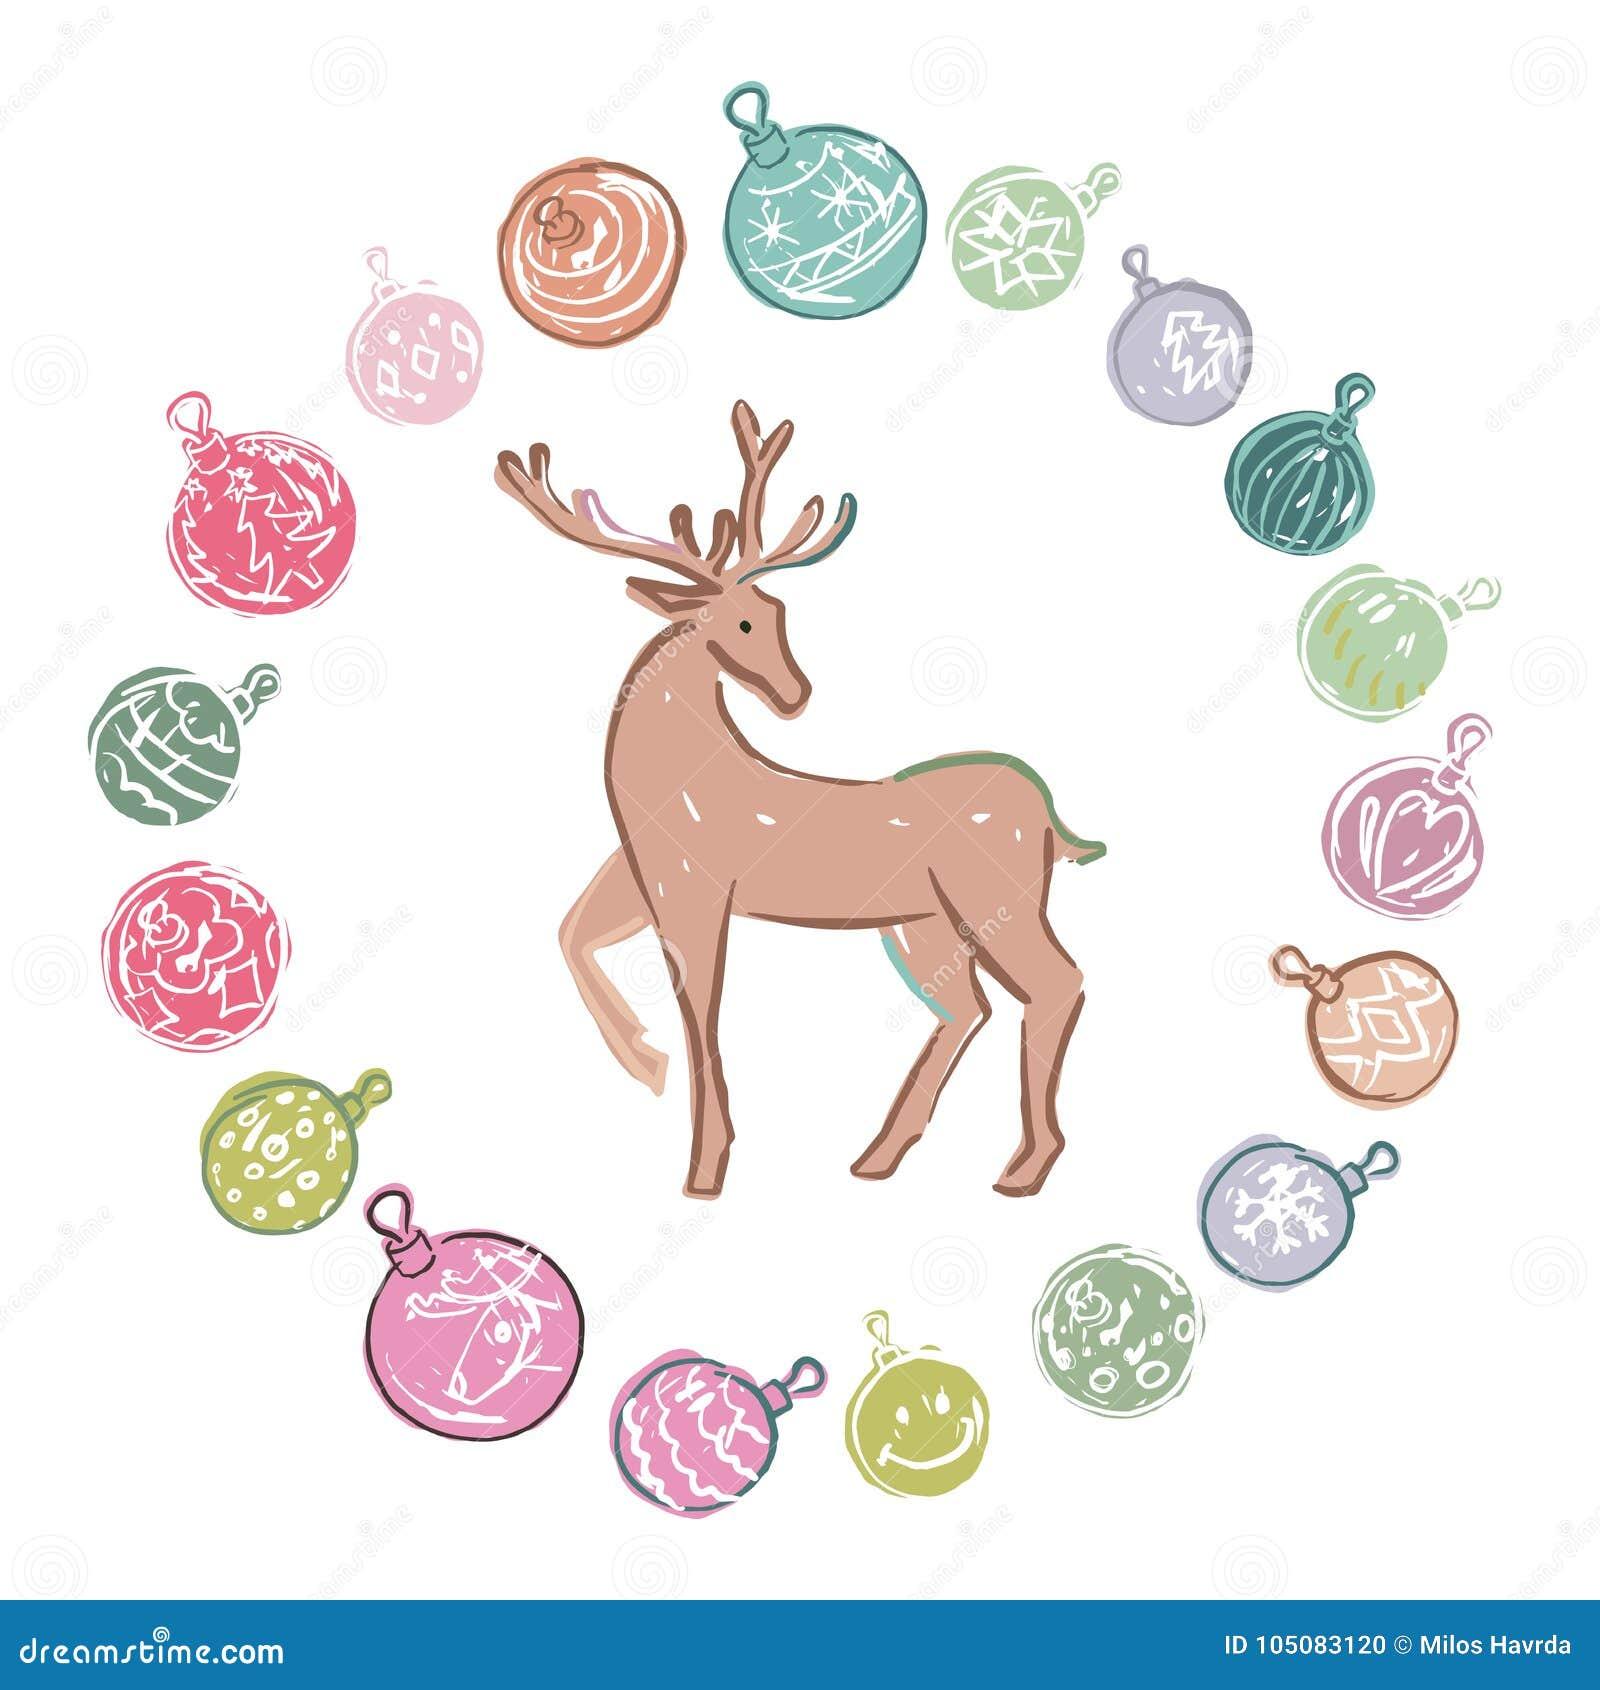 Decorazioni Di Natale Disegni.Decorazioni Di Natale Colorate Fumetto Con La Renna